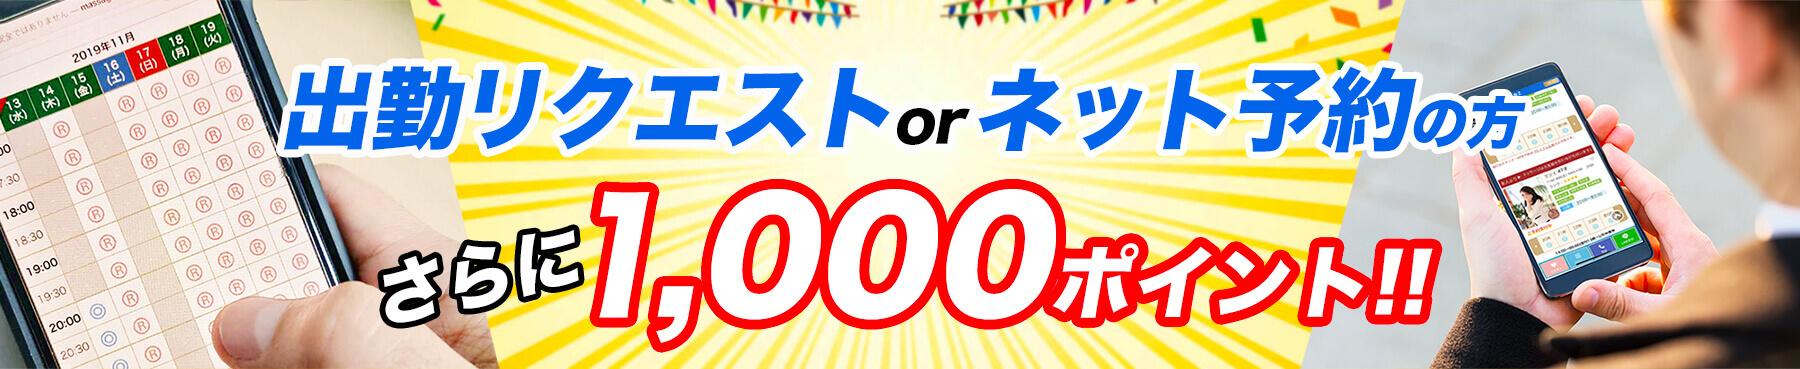 ゴールデンウィークを楽しみましょうイベント|大阪 キタ ミナミ 出張マッサージ